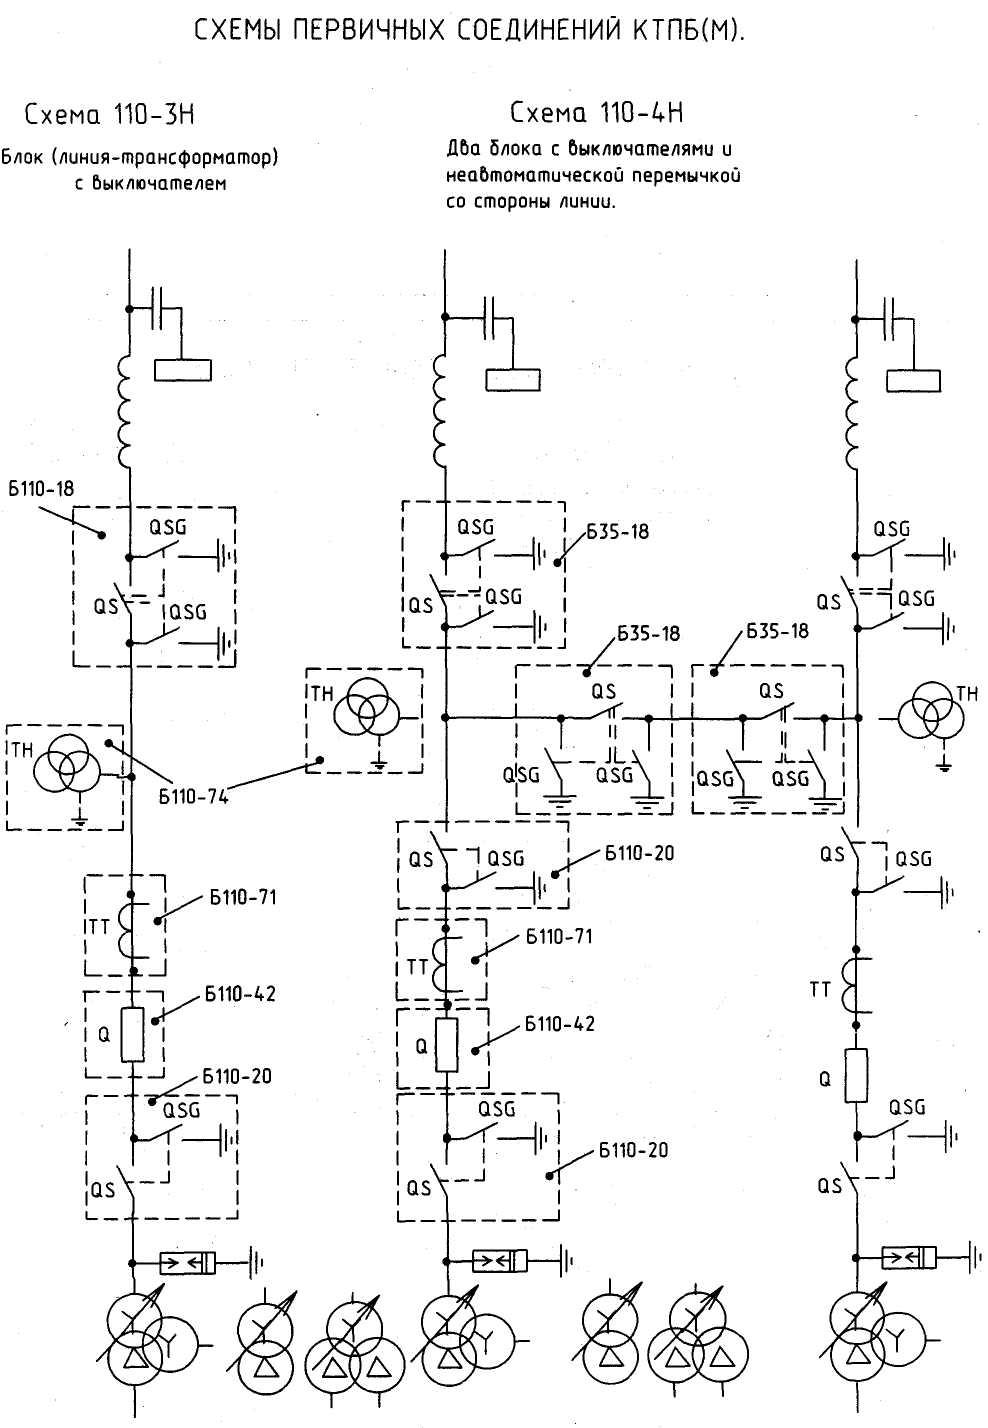 Схема шкафа трансформатора напряжения